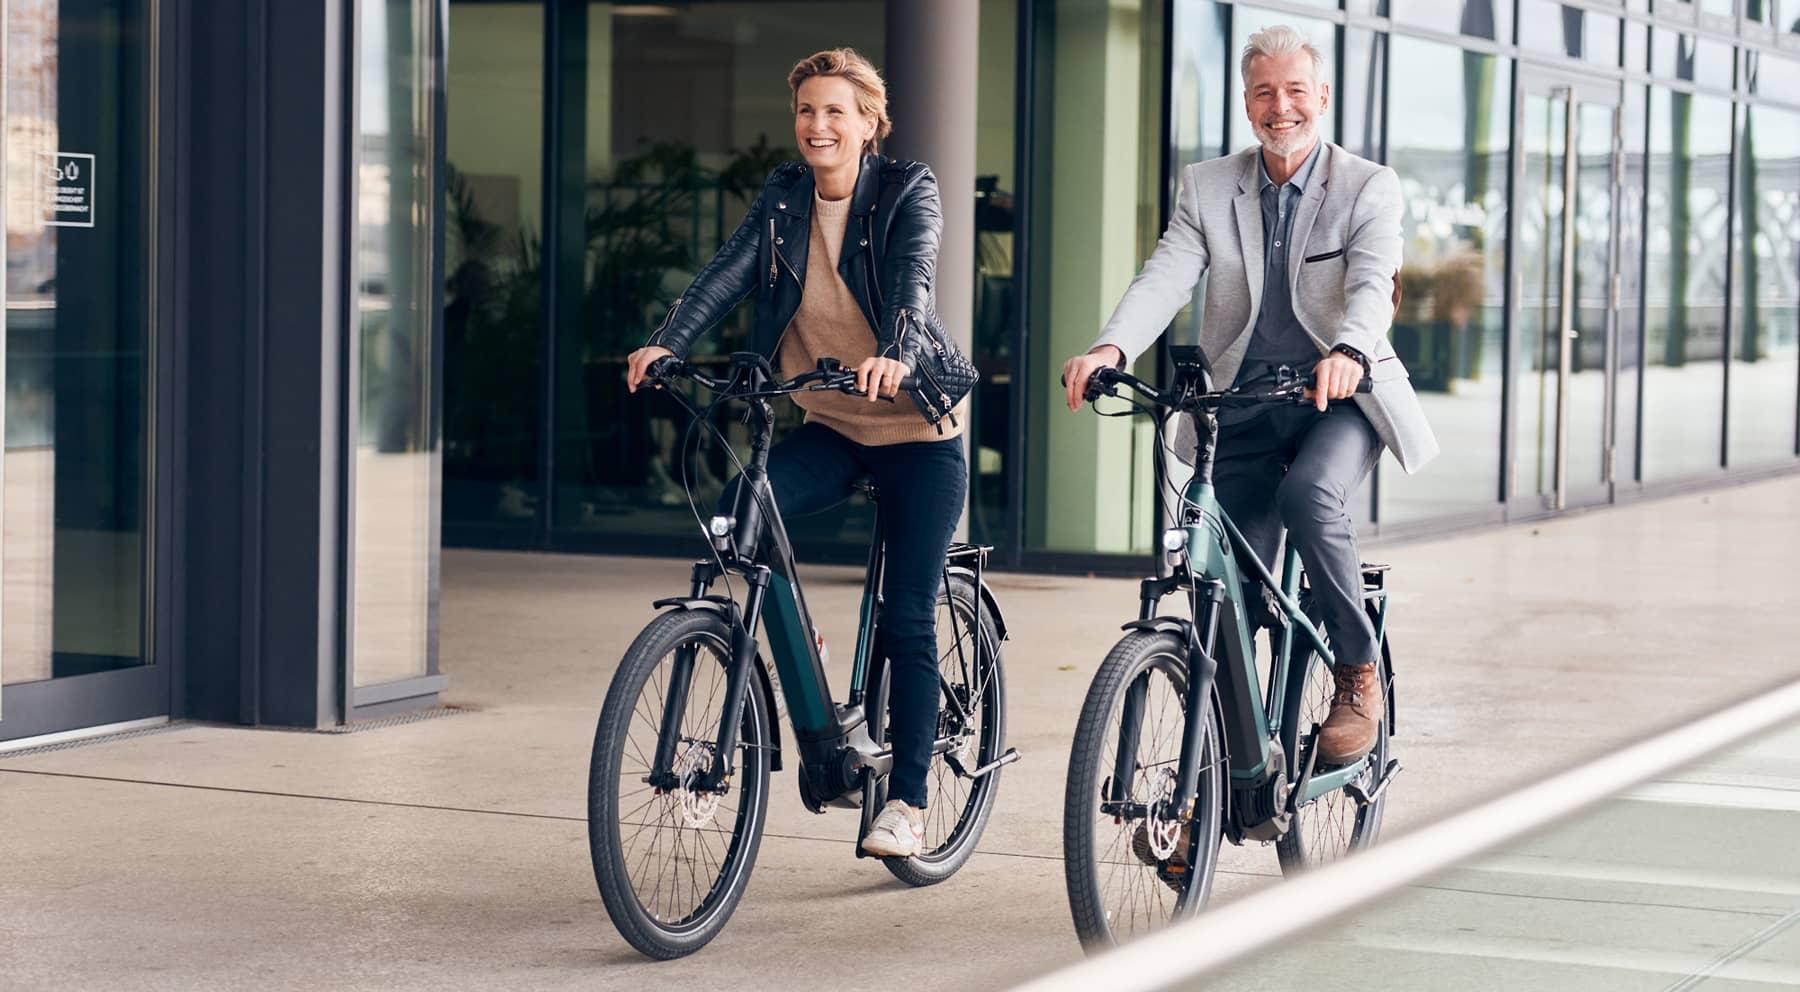 manufacturer_e-bike-manufaktur_people